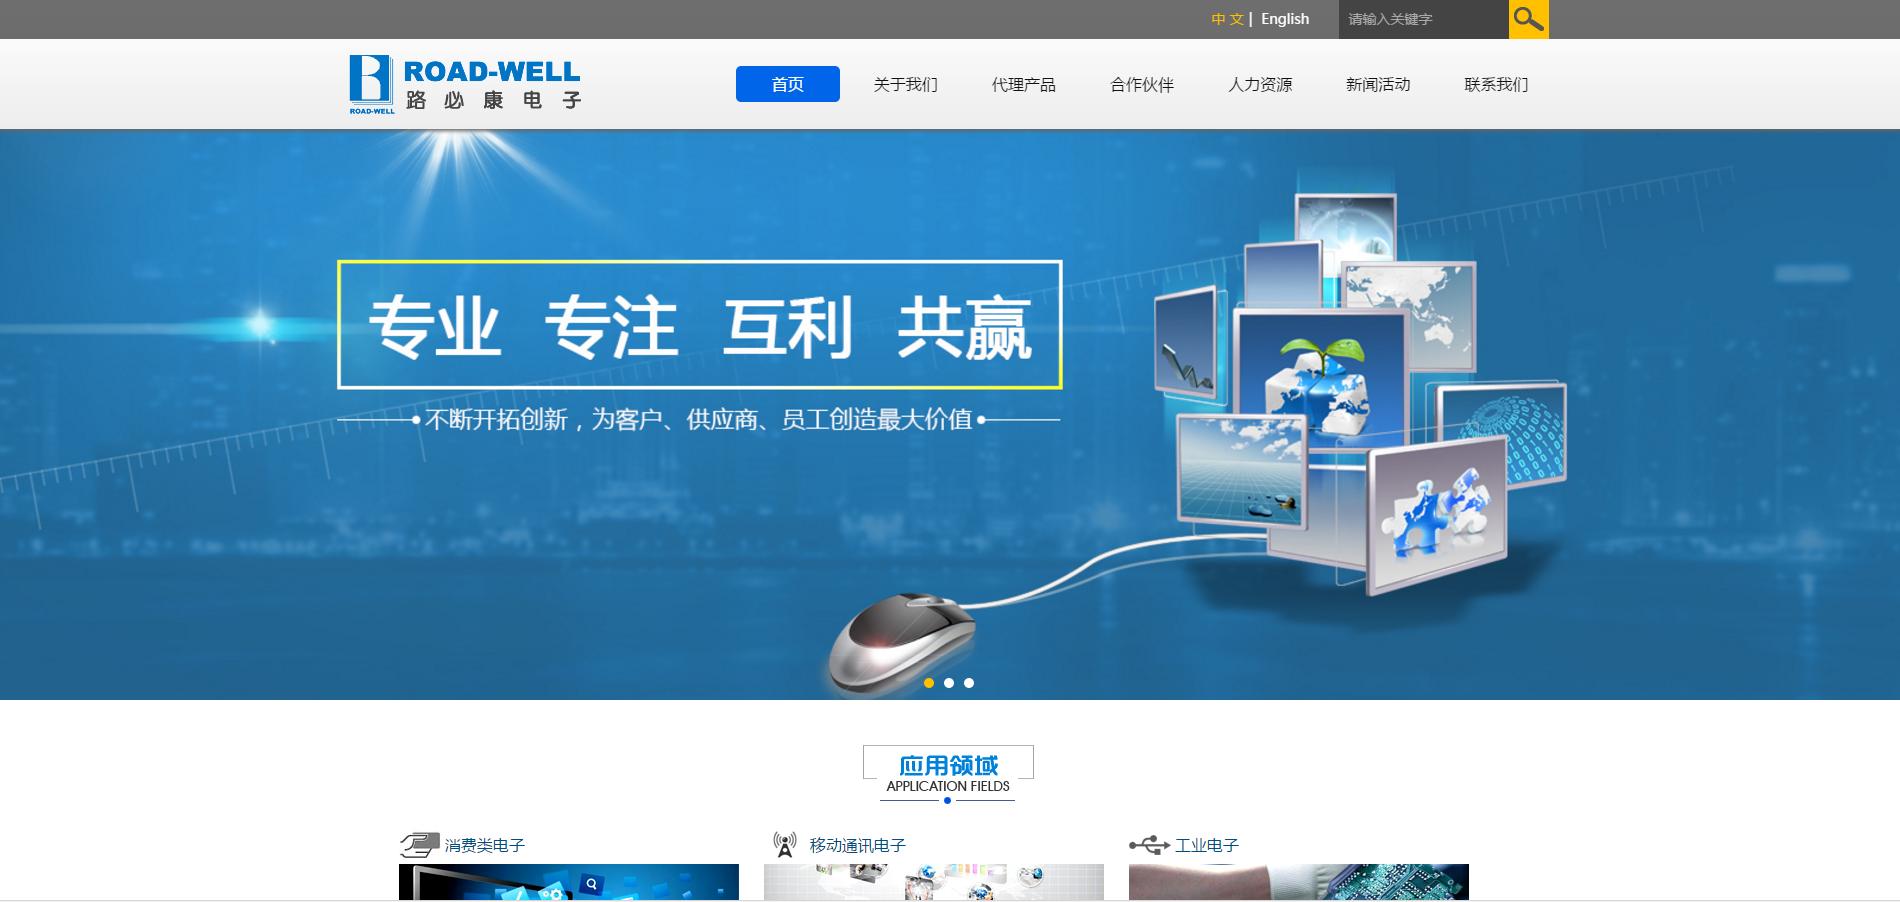 蓝色大气的电子产品企业响应式网站模板下载